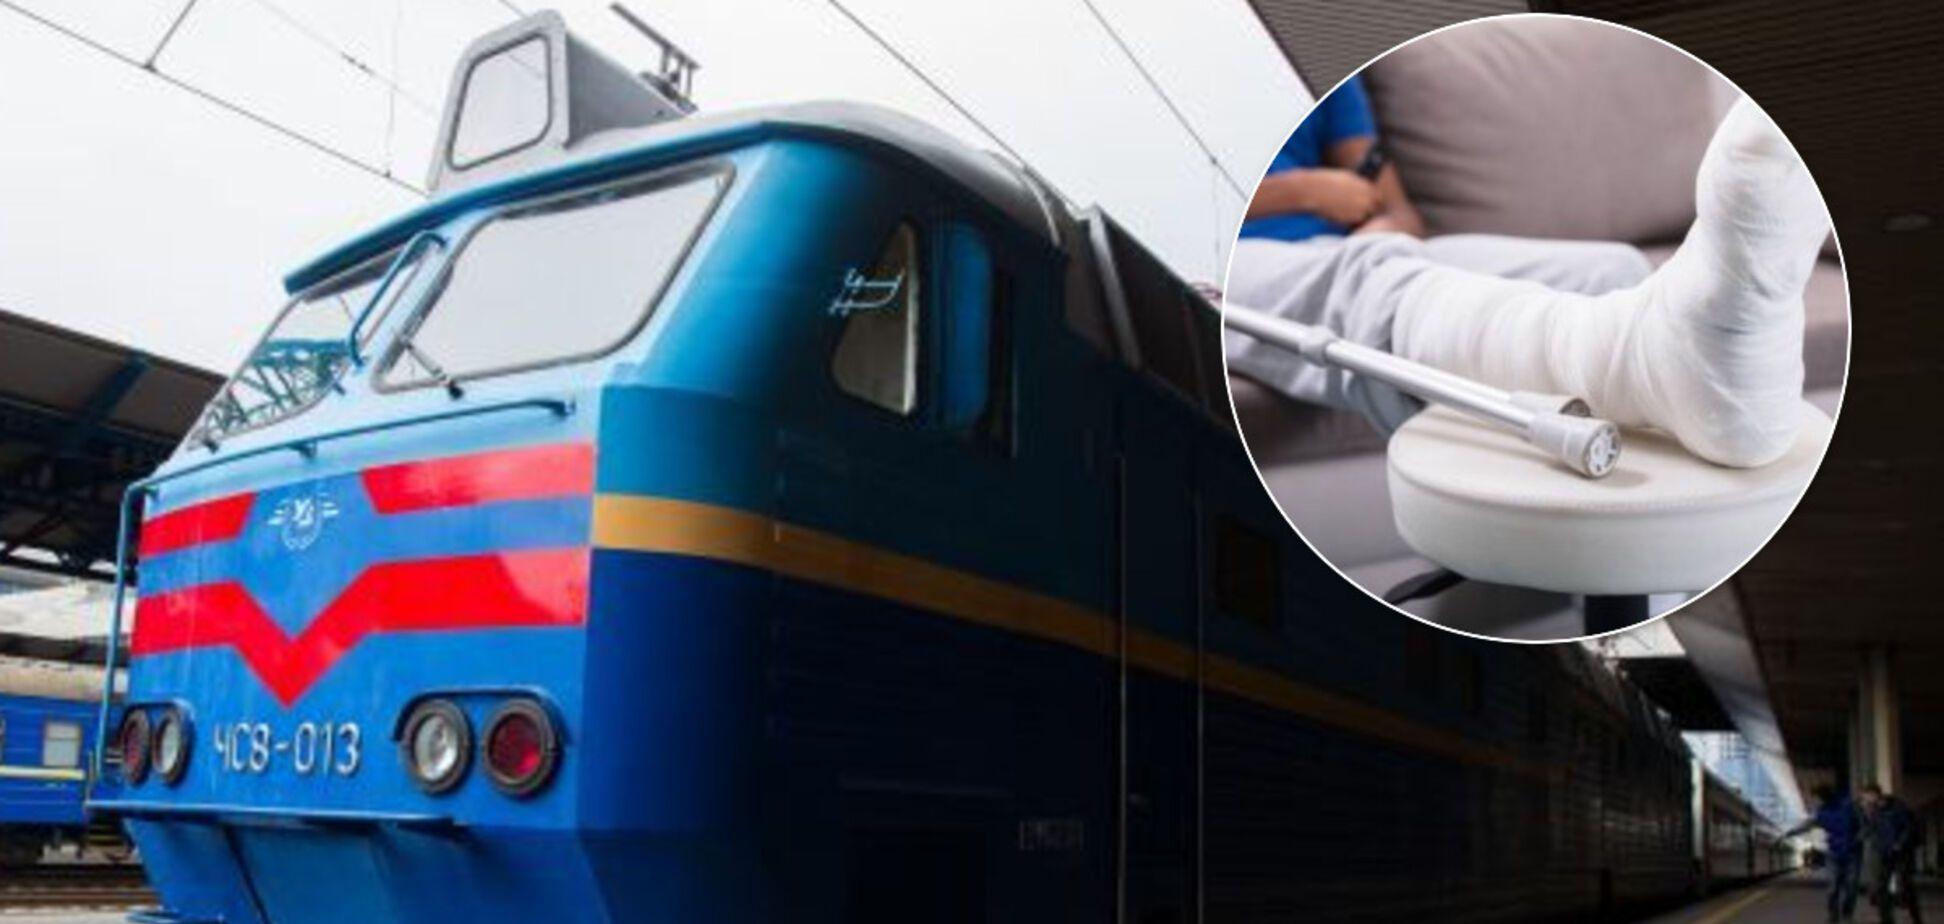 Пассажиры ломают кости, а в УЗ говорят – сами виноваты: в чем суть нового скандала вокруг поездов